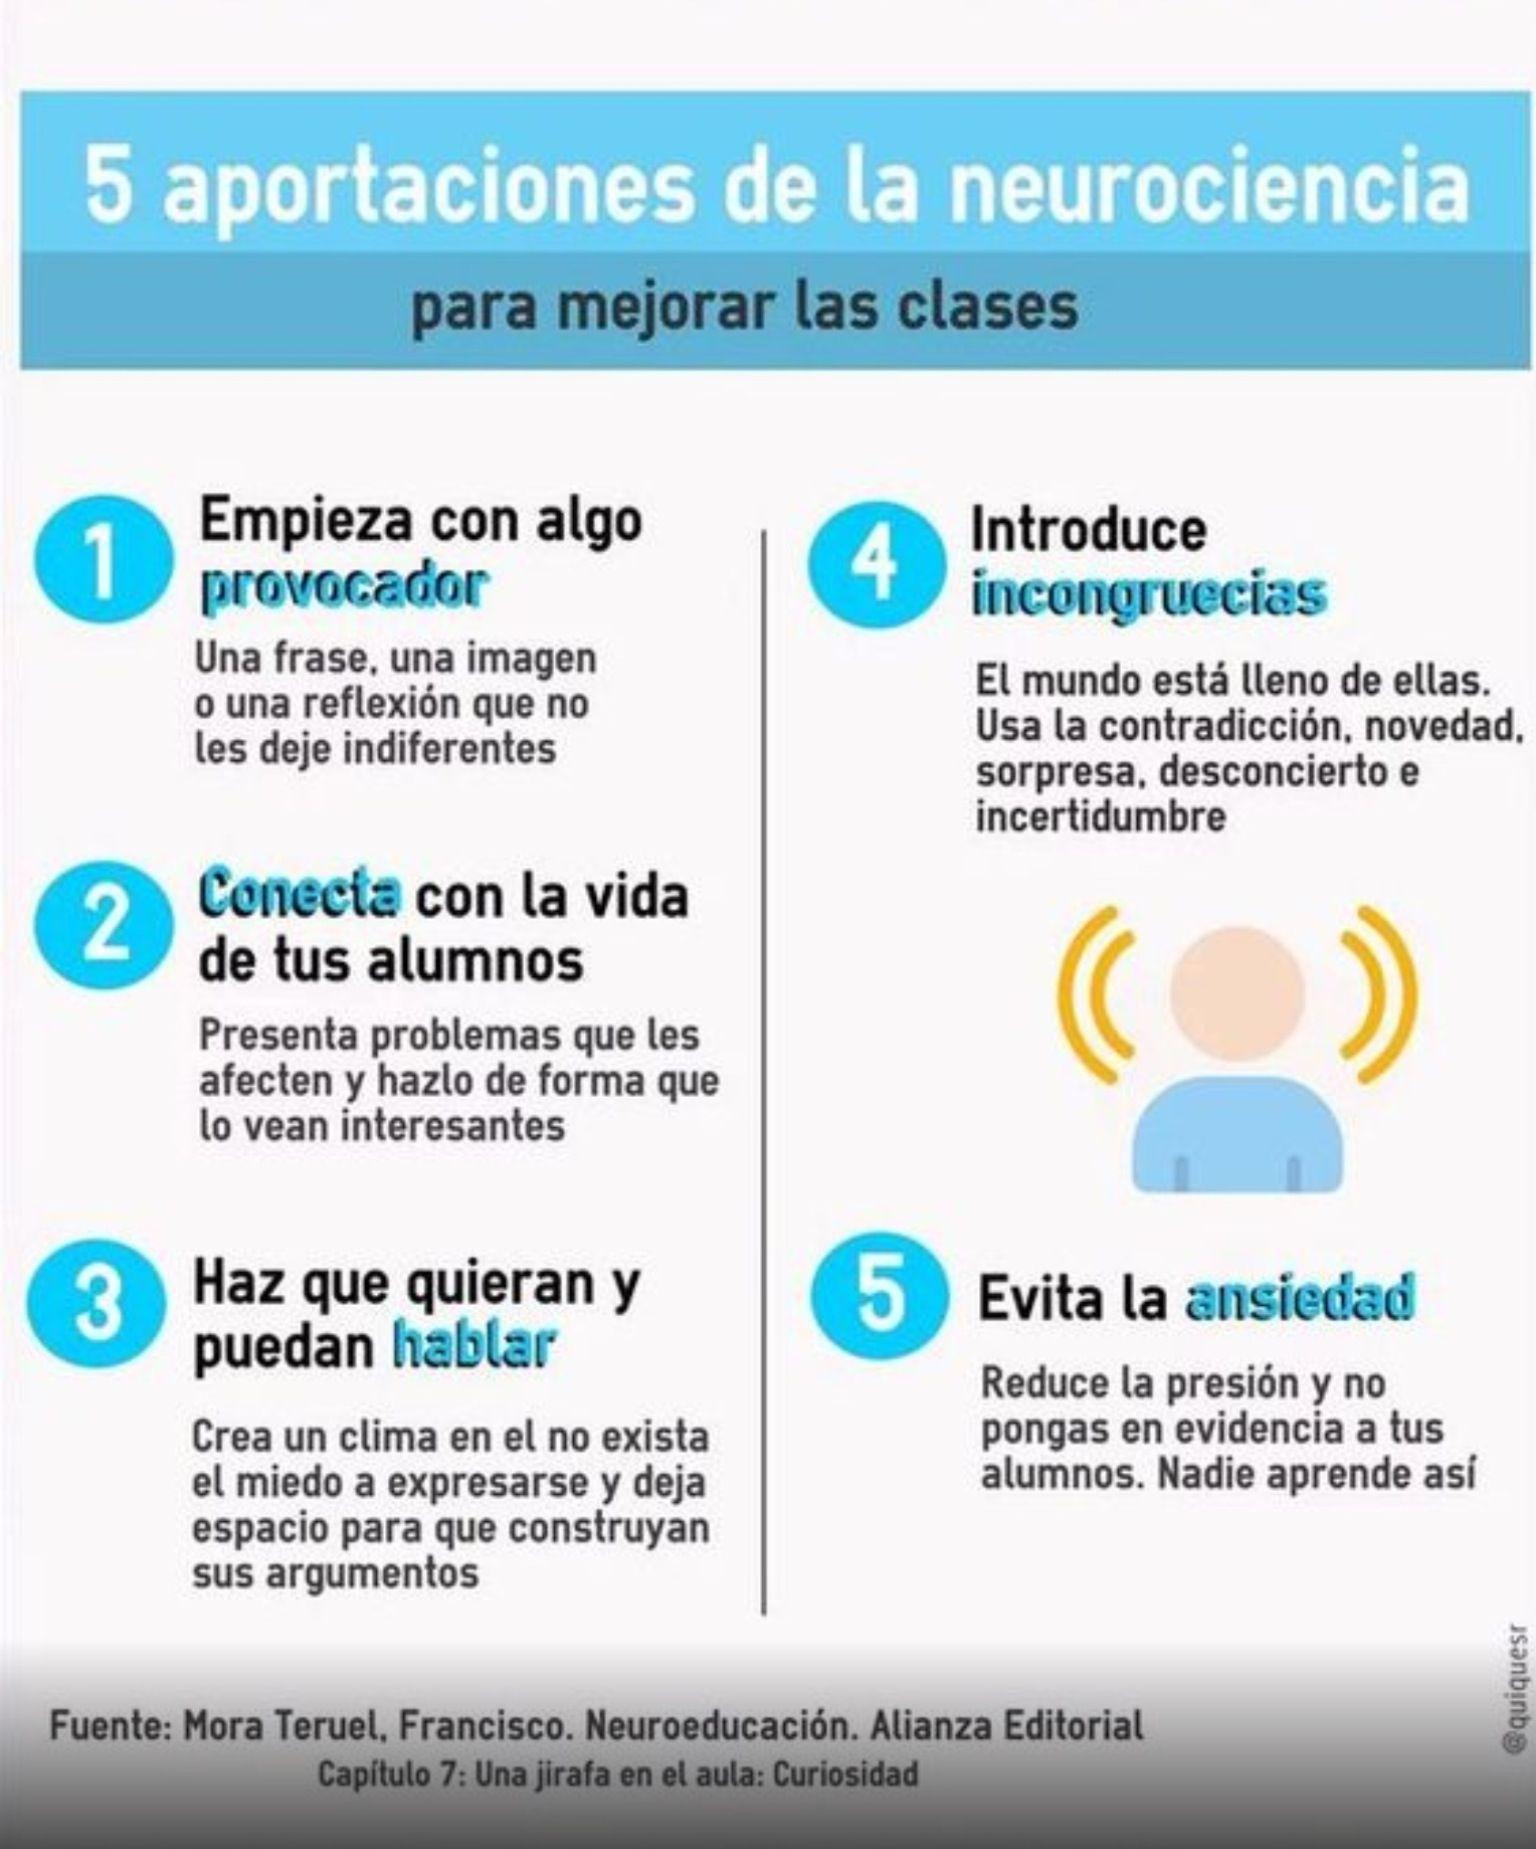 Neurociencia para mejorar las clases. Francisco Mora Teruel